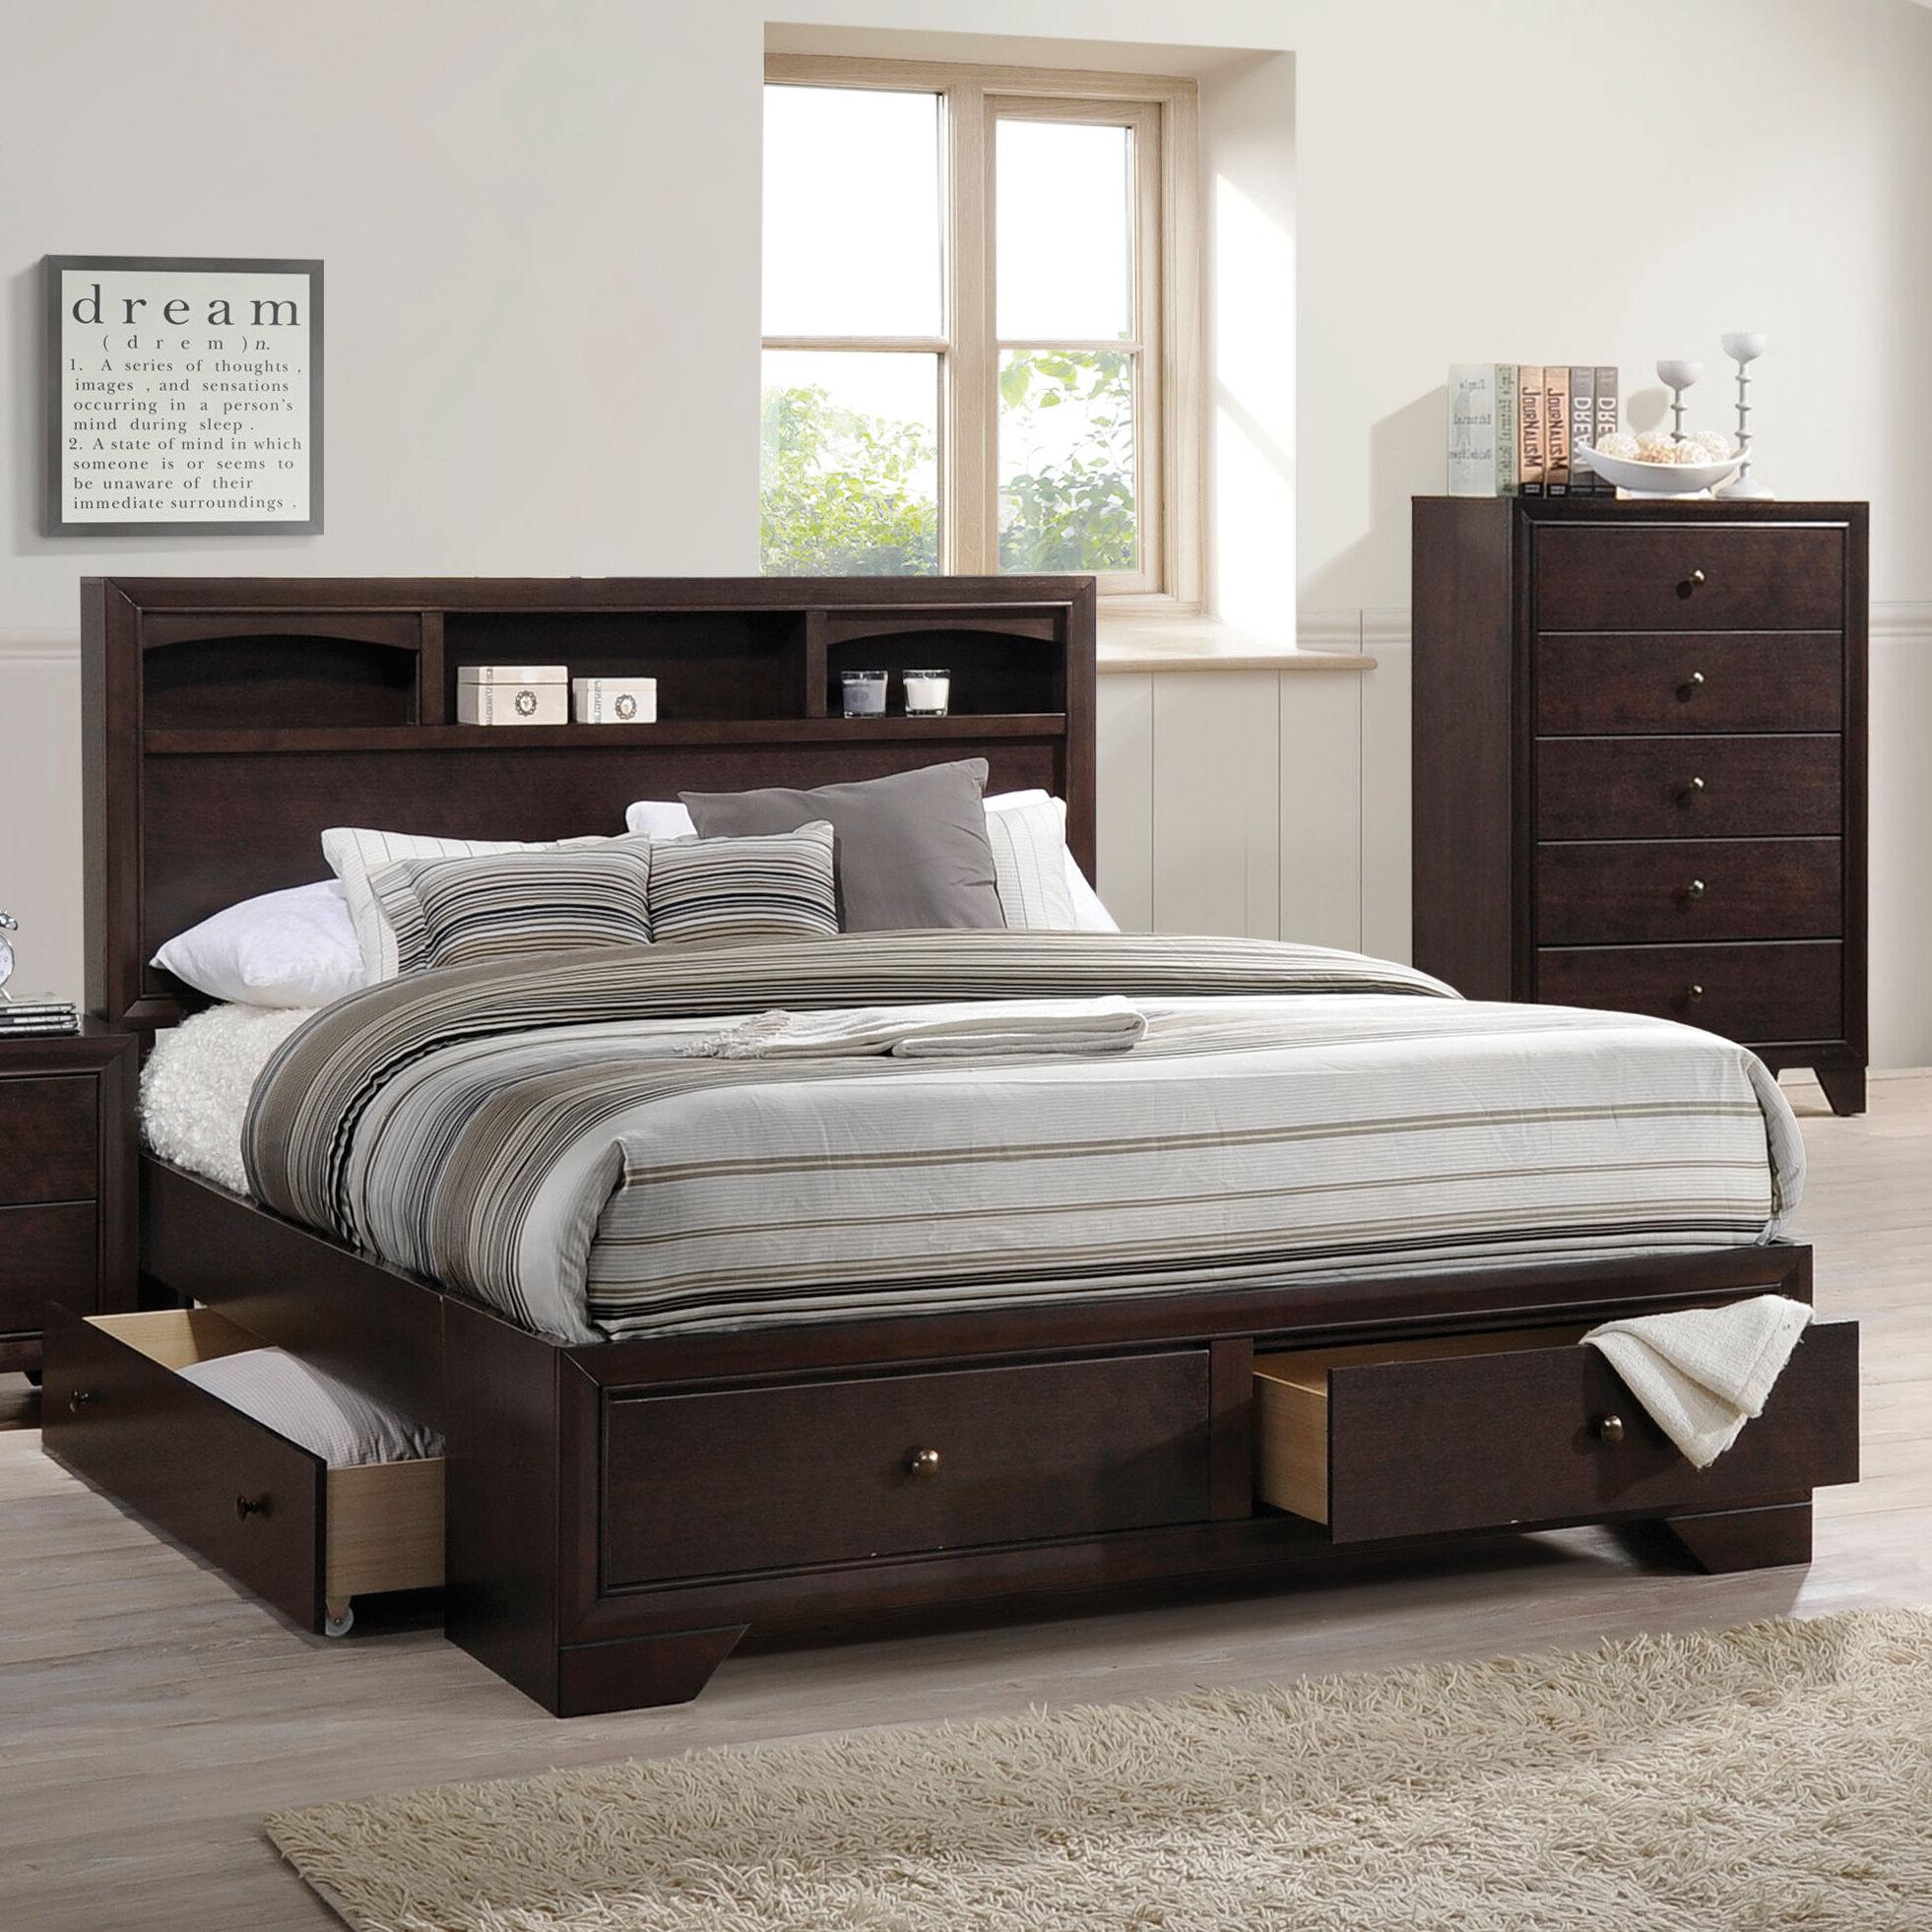 acme furniture madison ll storage platform bed reviews wayfair